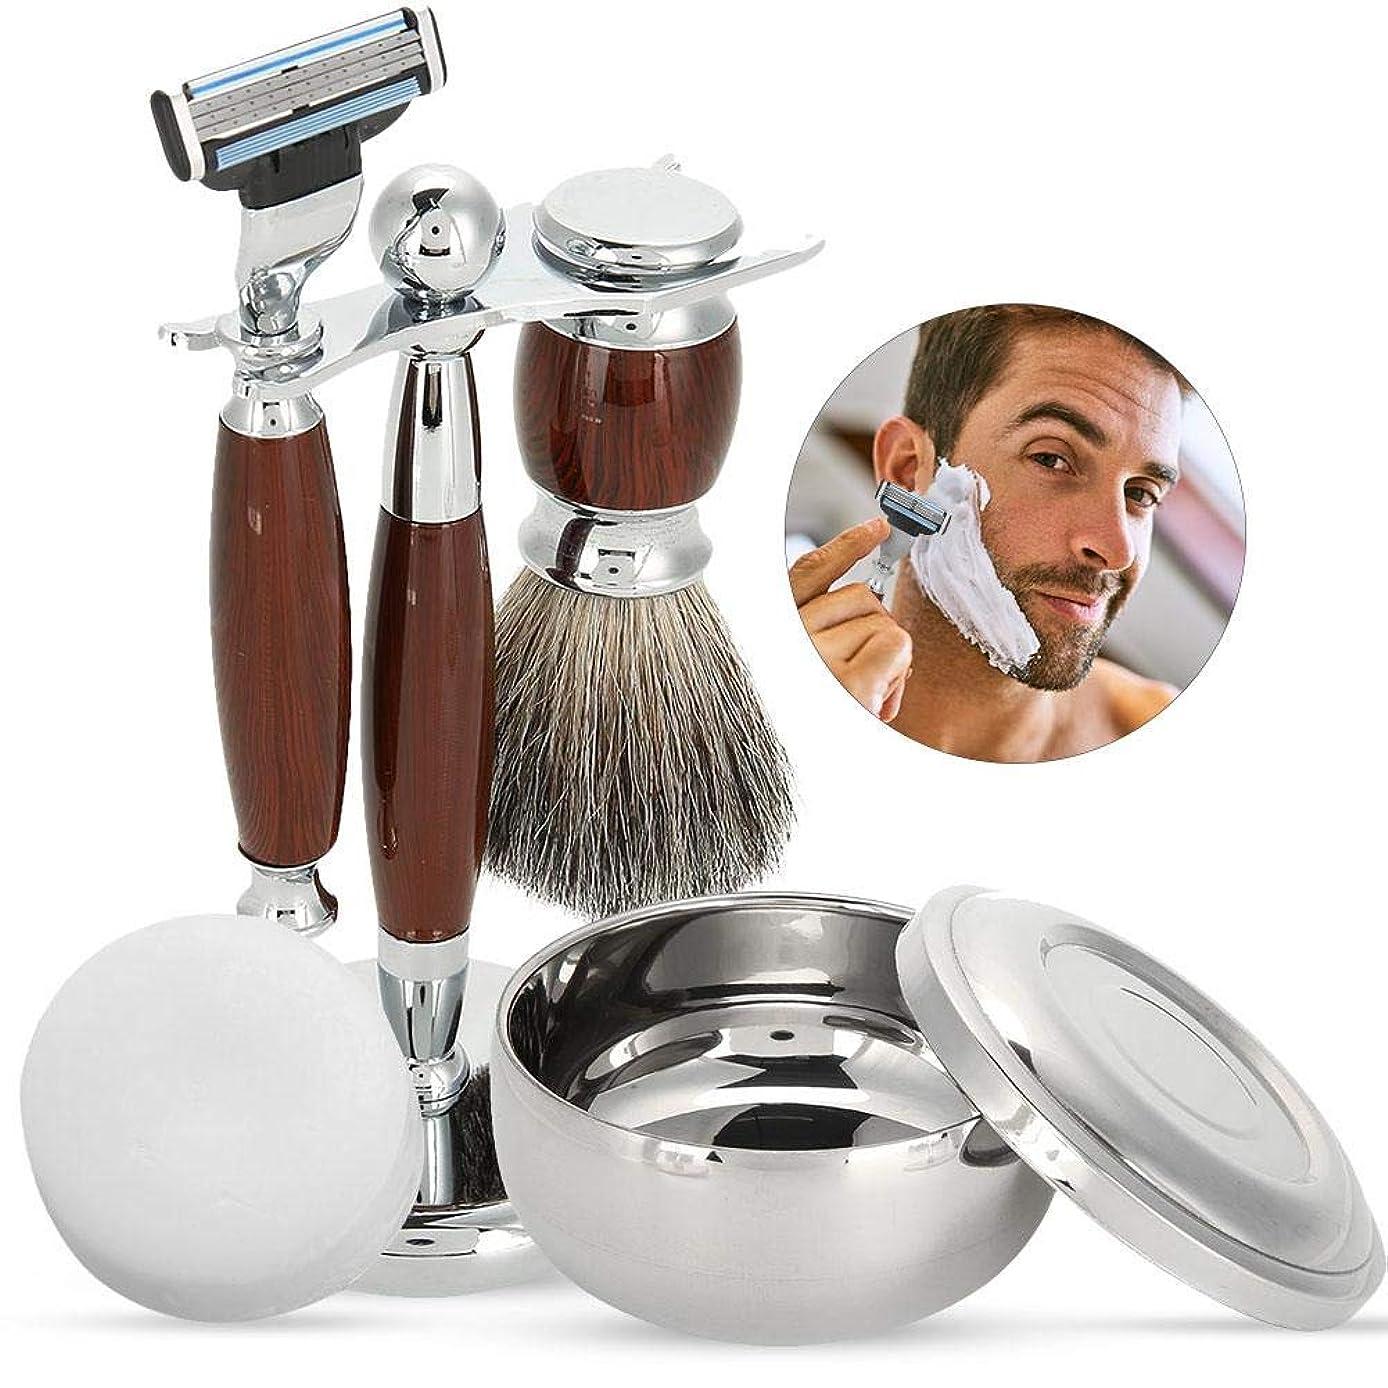 イヤホン似ている市場男性ひげ剃りセット、シェービングブラシ++ボウル+石鹸+ブラシホルダー 洗顔 髭剃り スキンケア プレゼン